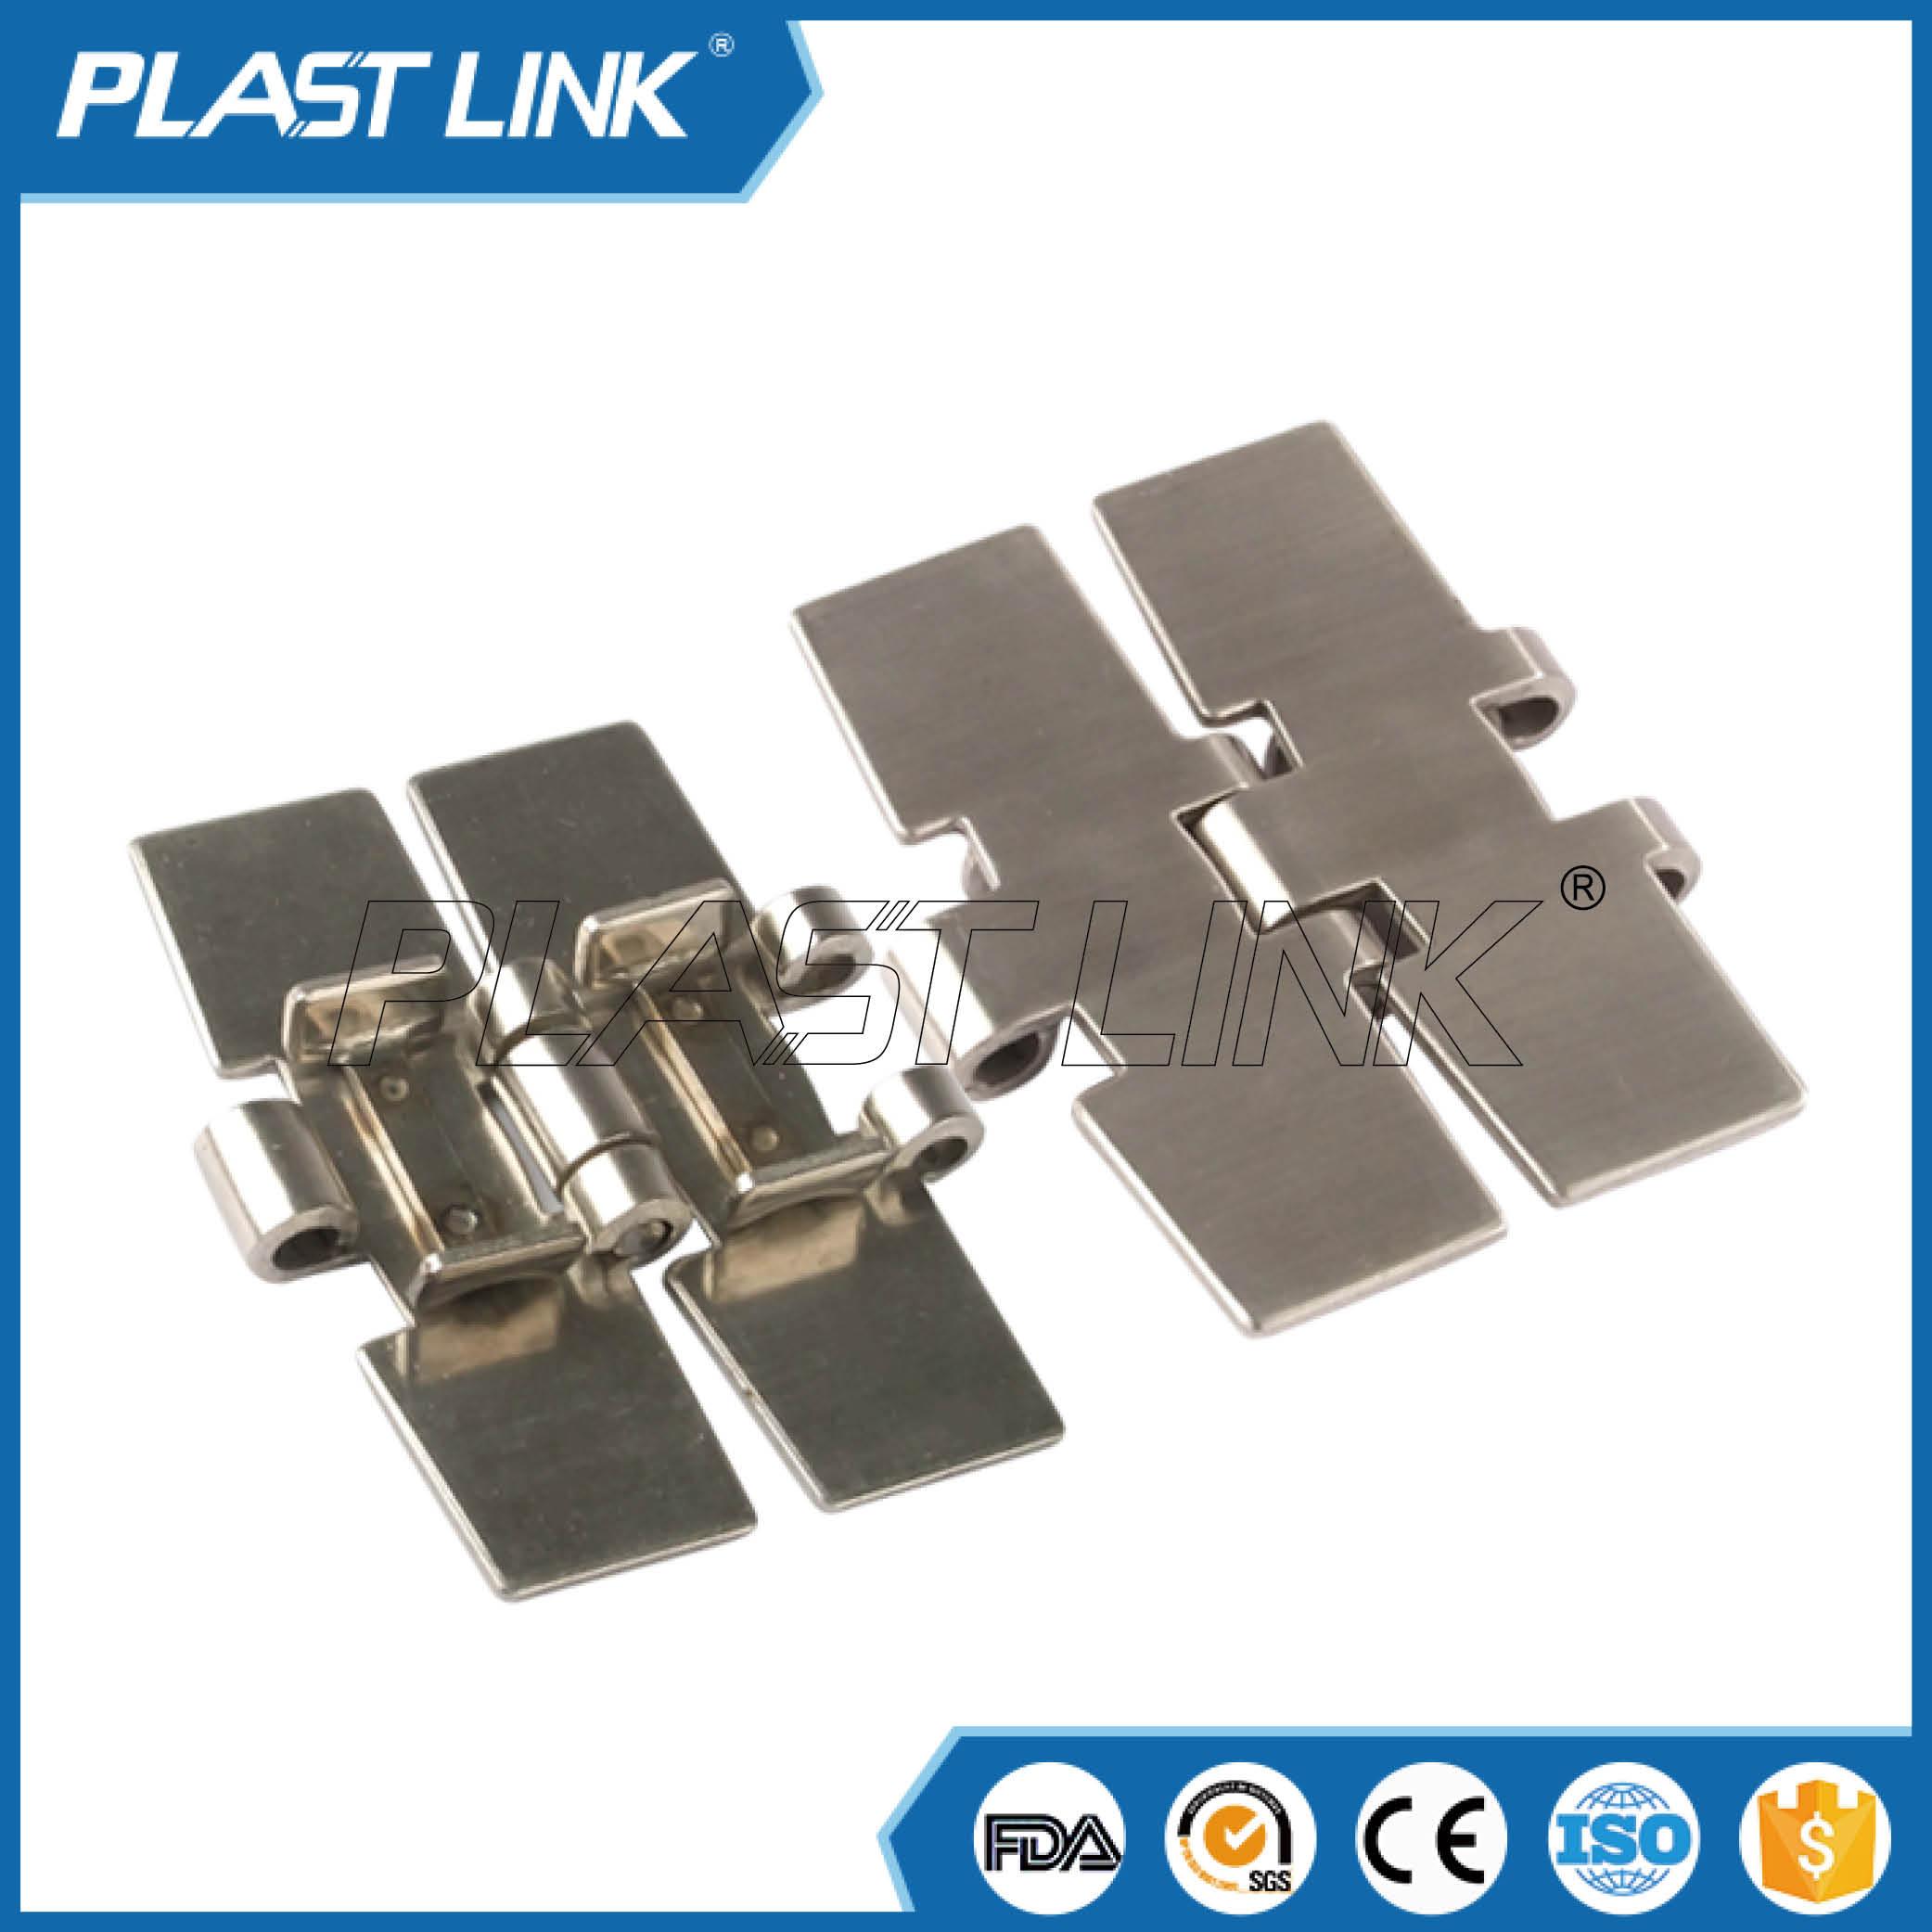 PlastLink 881conveyor modular slat chain